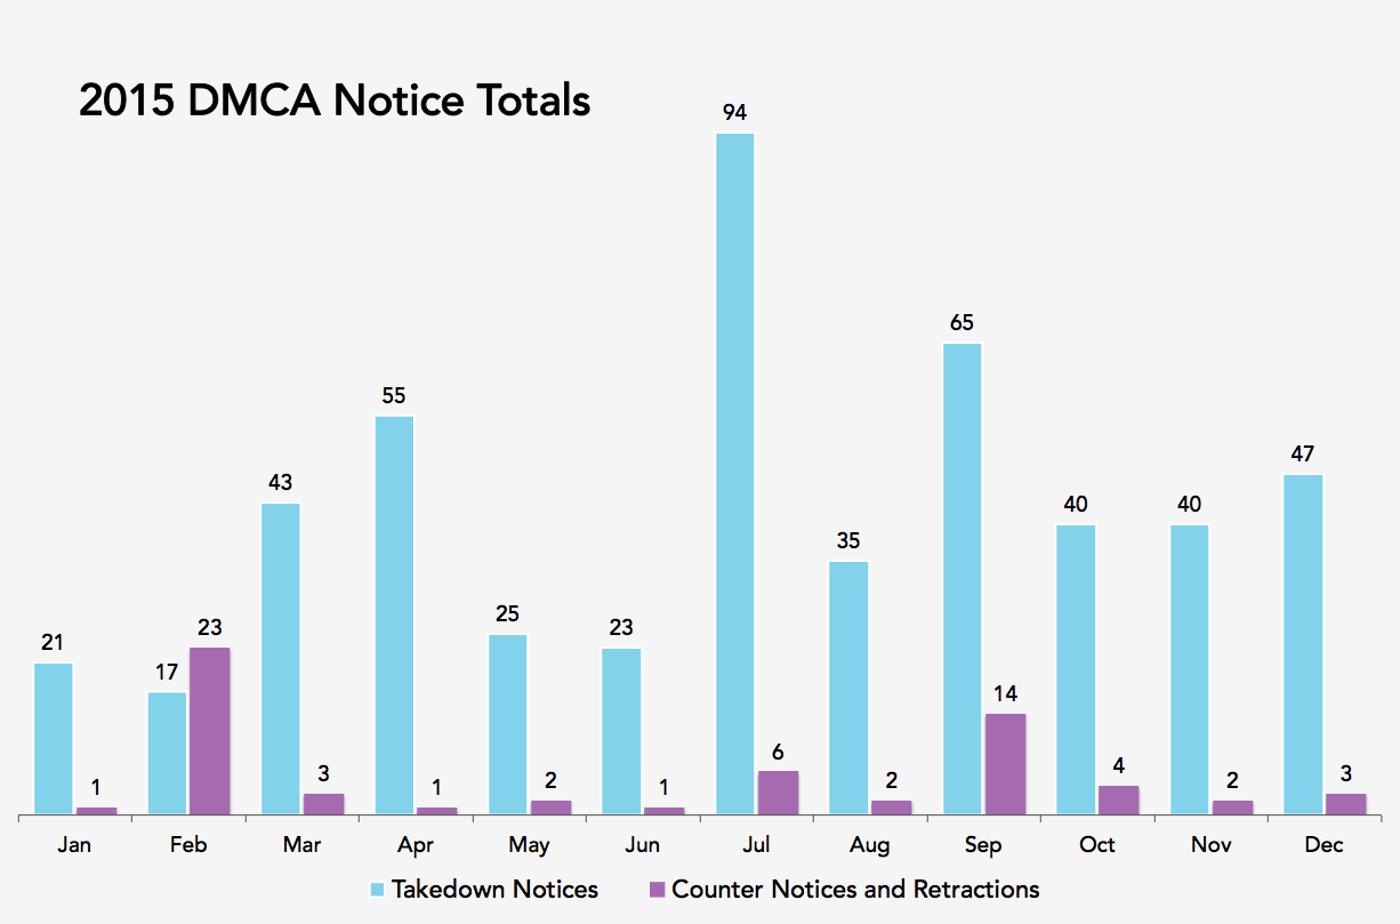 2015 DMCA Notice Totals - Bar Graph